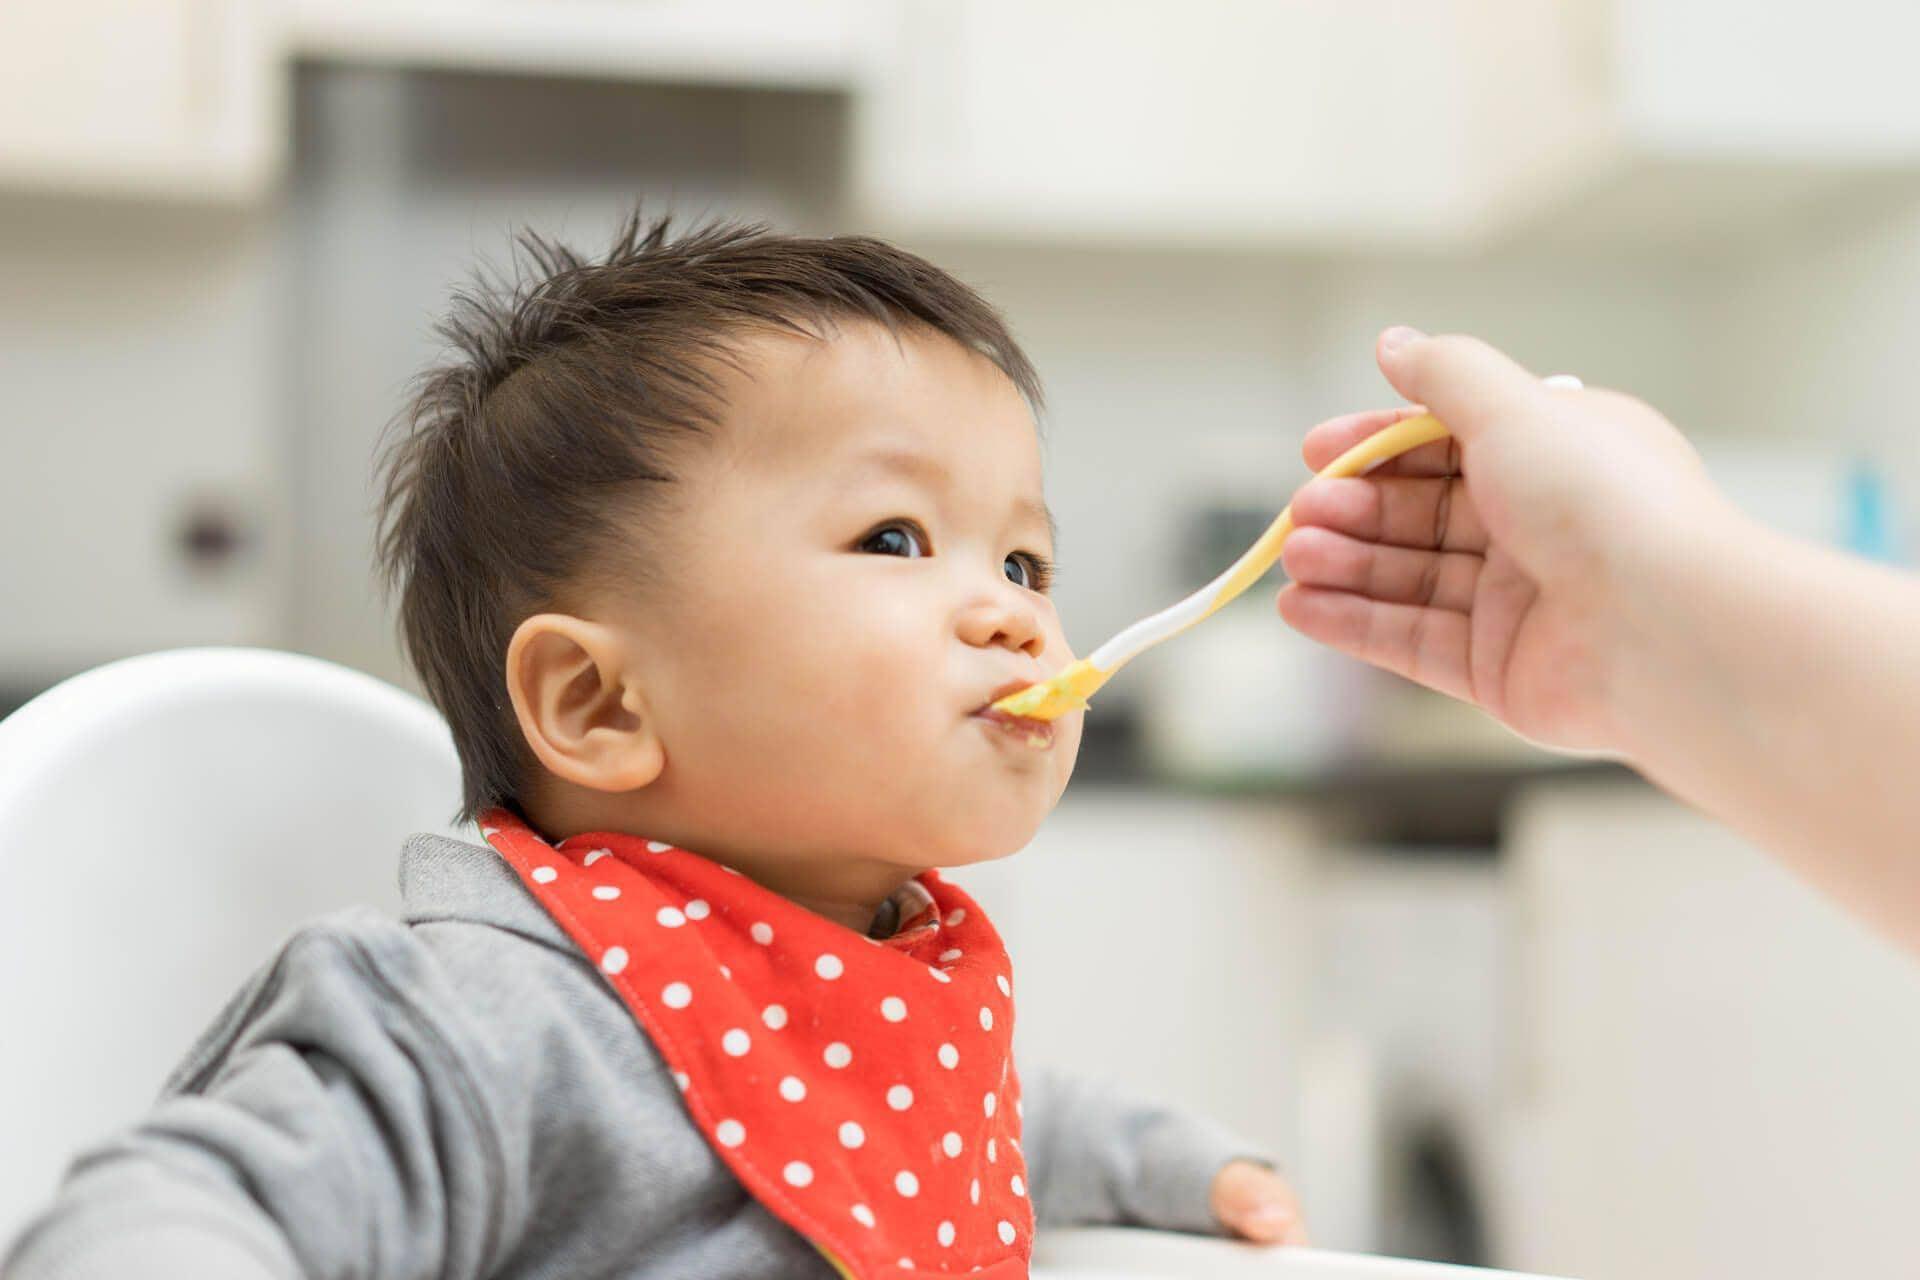 Cho bé ăn thực phẩm giàu sắt để cải thiện thiếu máu